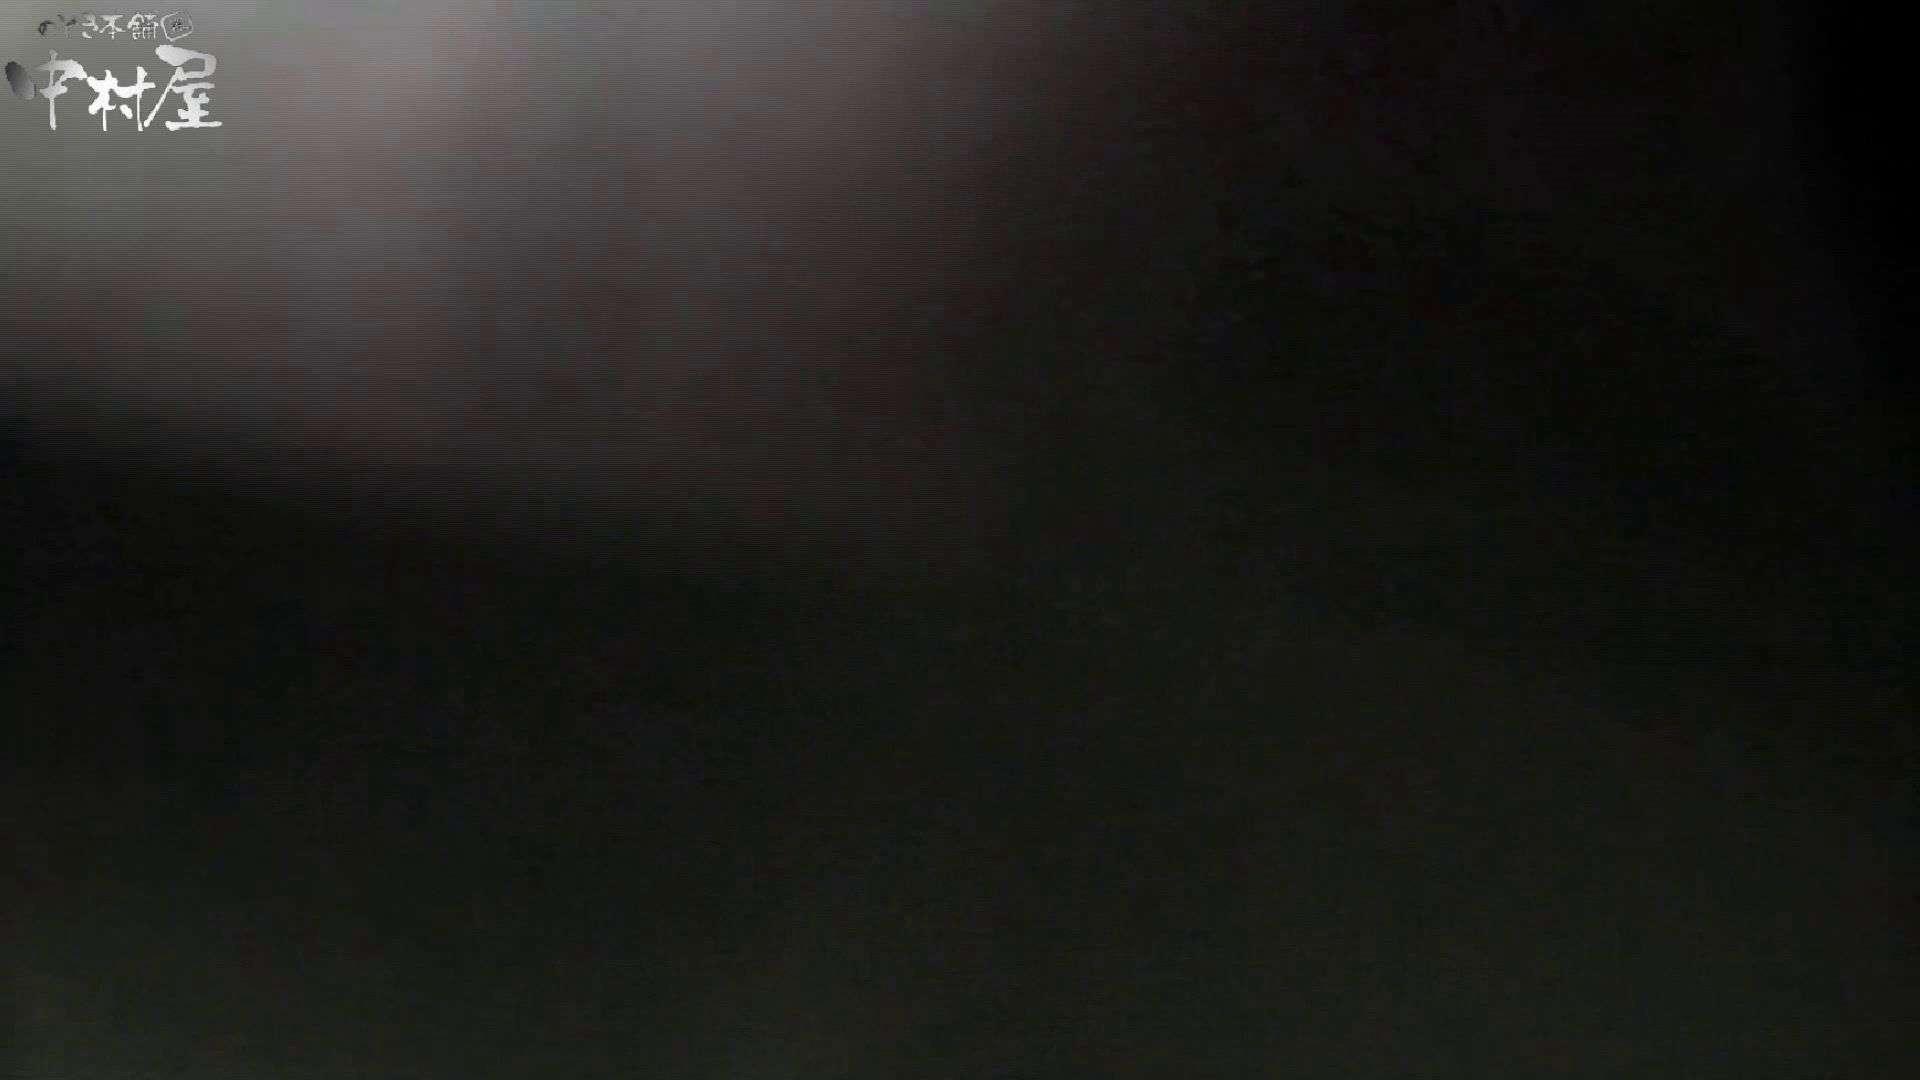 【世界の射窓から~ステーション編~】ステーション編 vol49 大がいっぱいモリモリ、ピリピリ前編 0  74連発 42